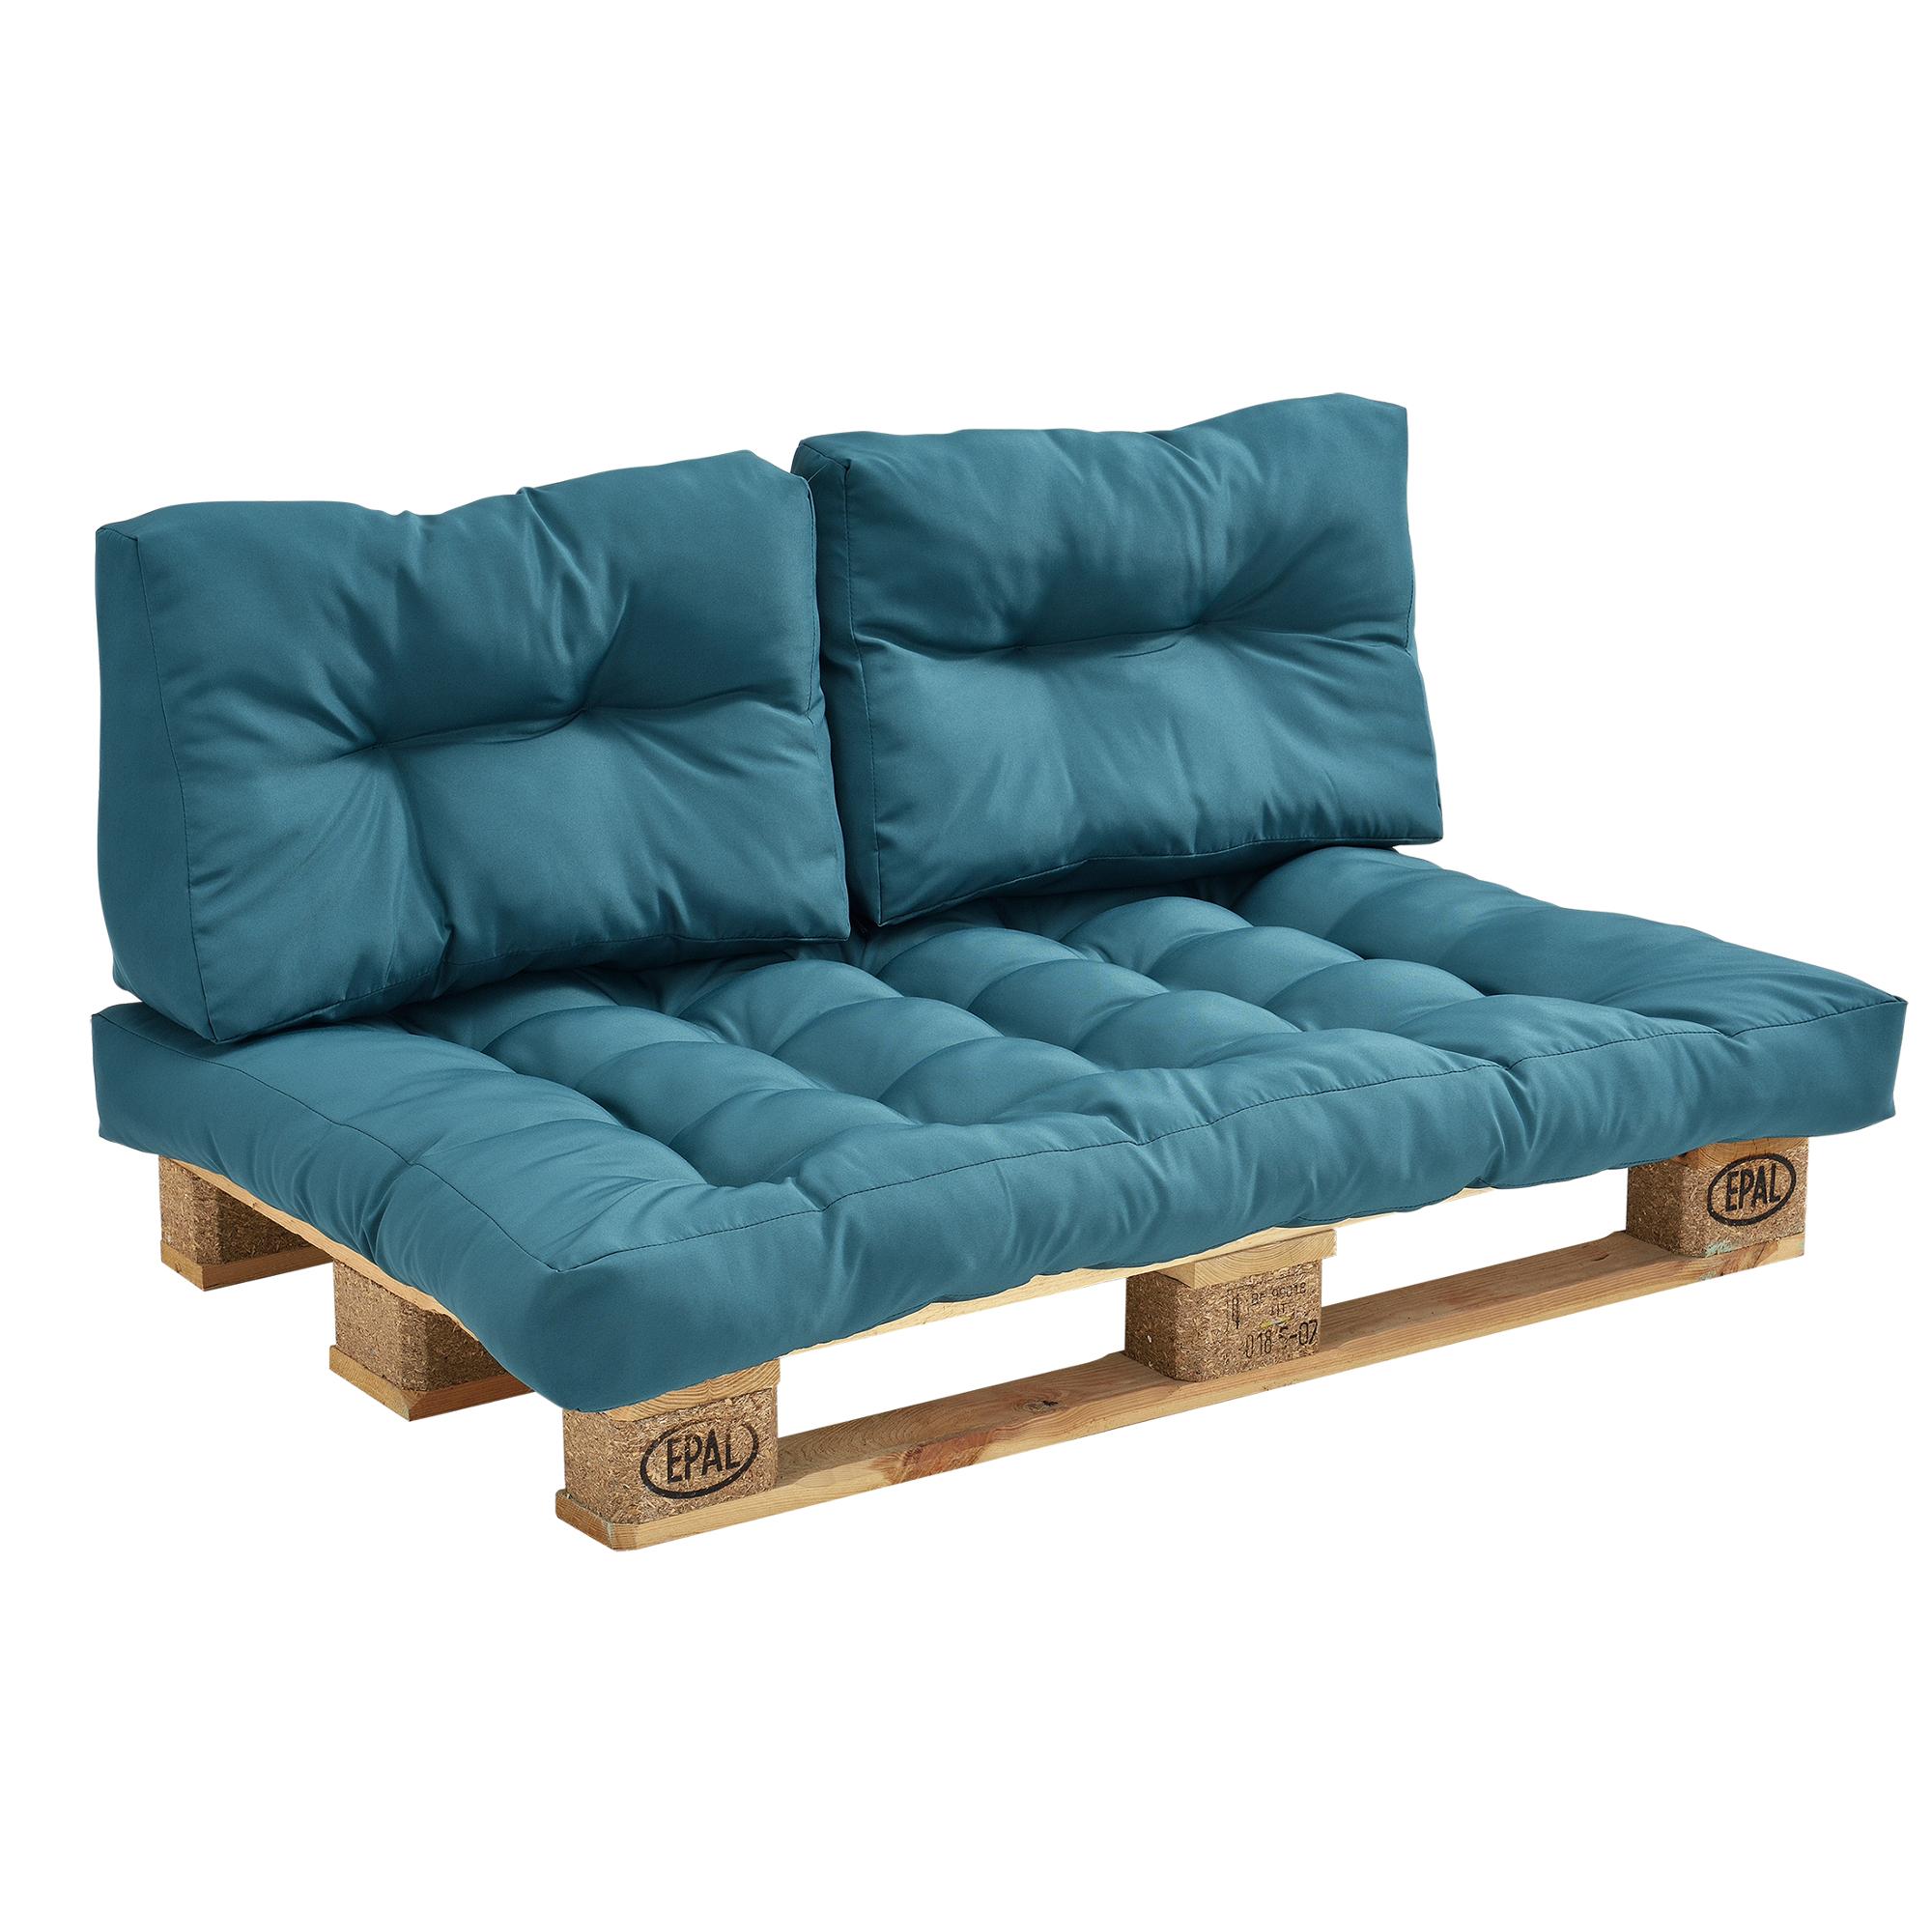 Palettenkissen In Outdoor Paletten Kissen Sofa Polster Sitzauflage